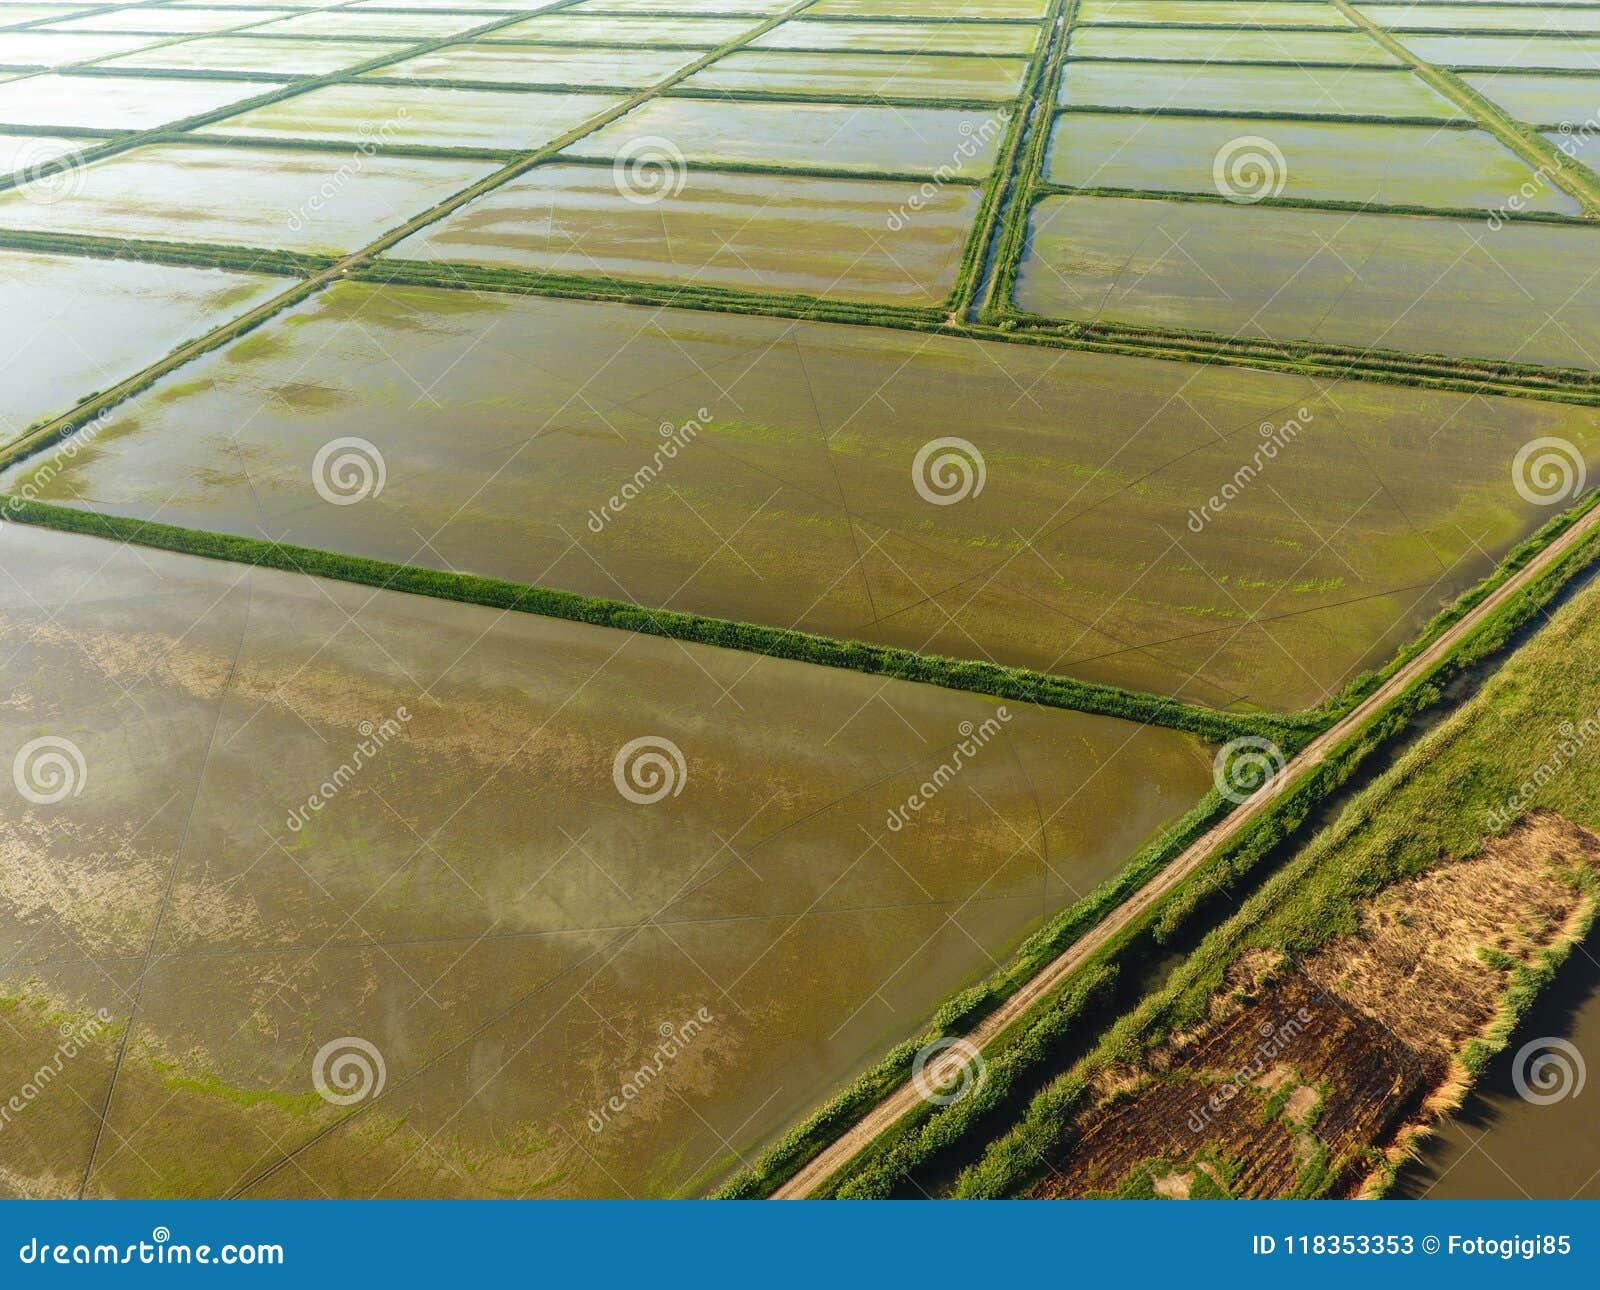 Risfälten översvämmas med vatten Översvämmade risfält Agronomiska metoder av att växa ris i fälten